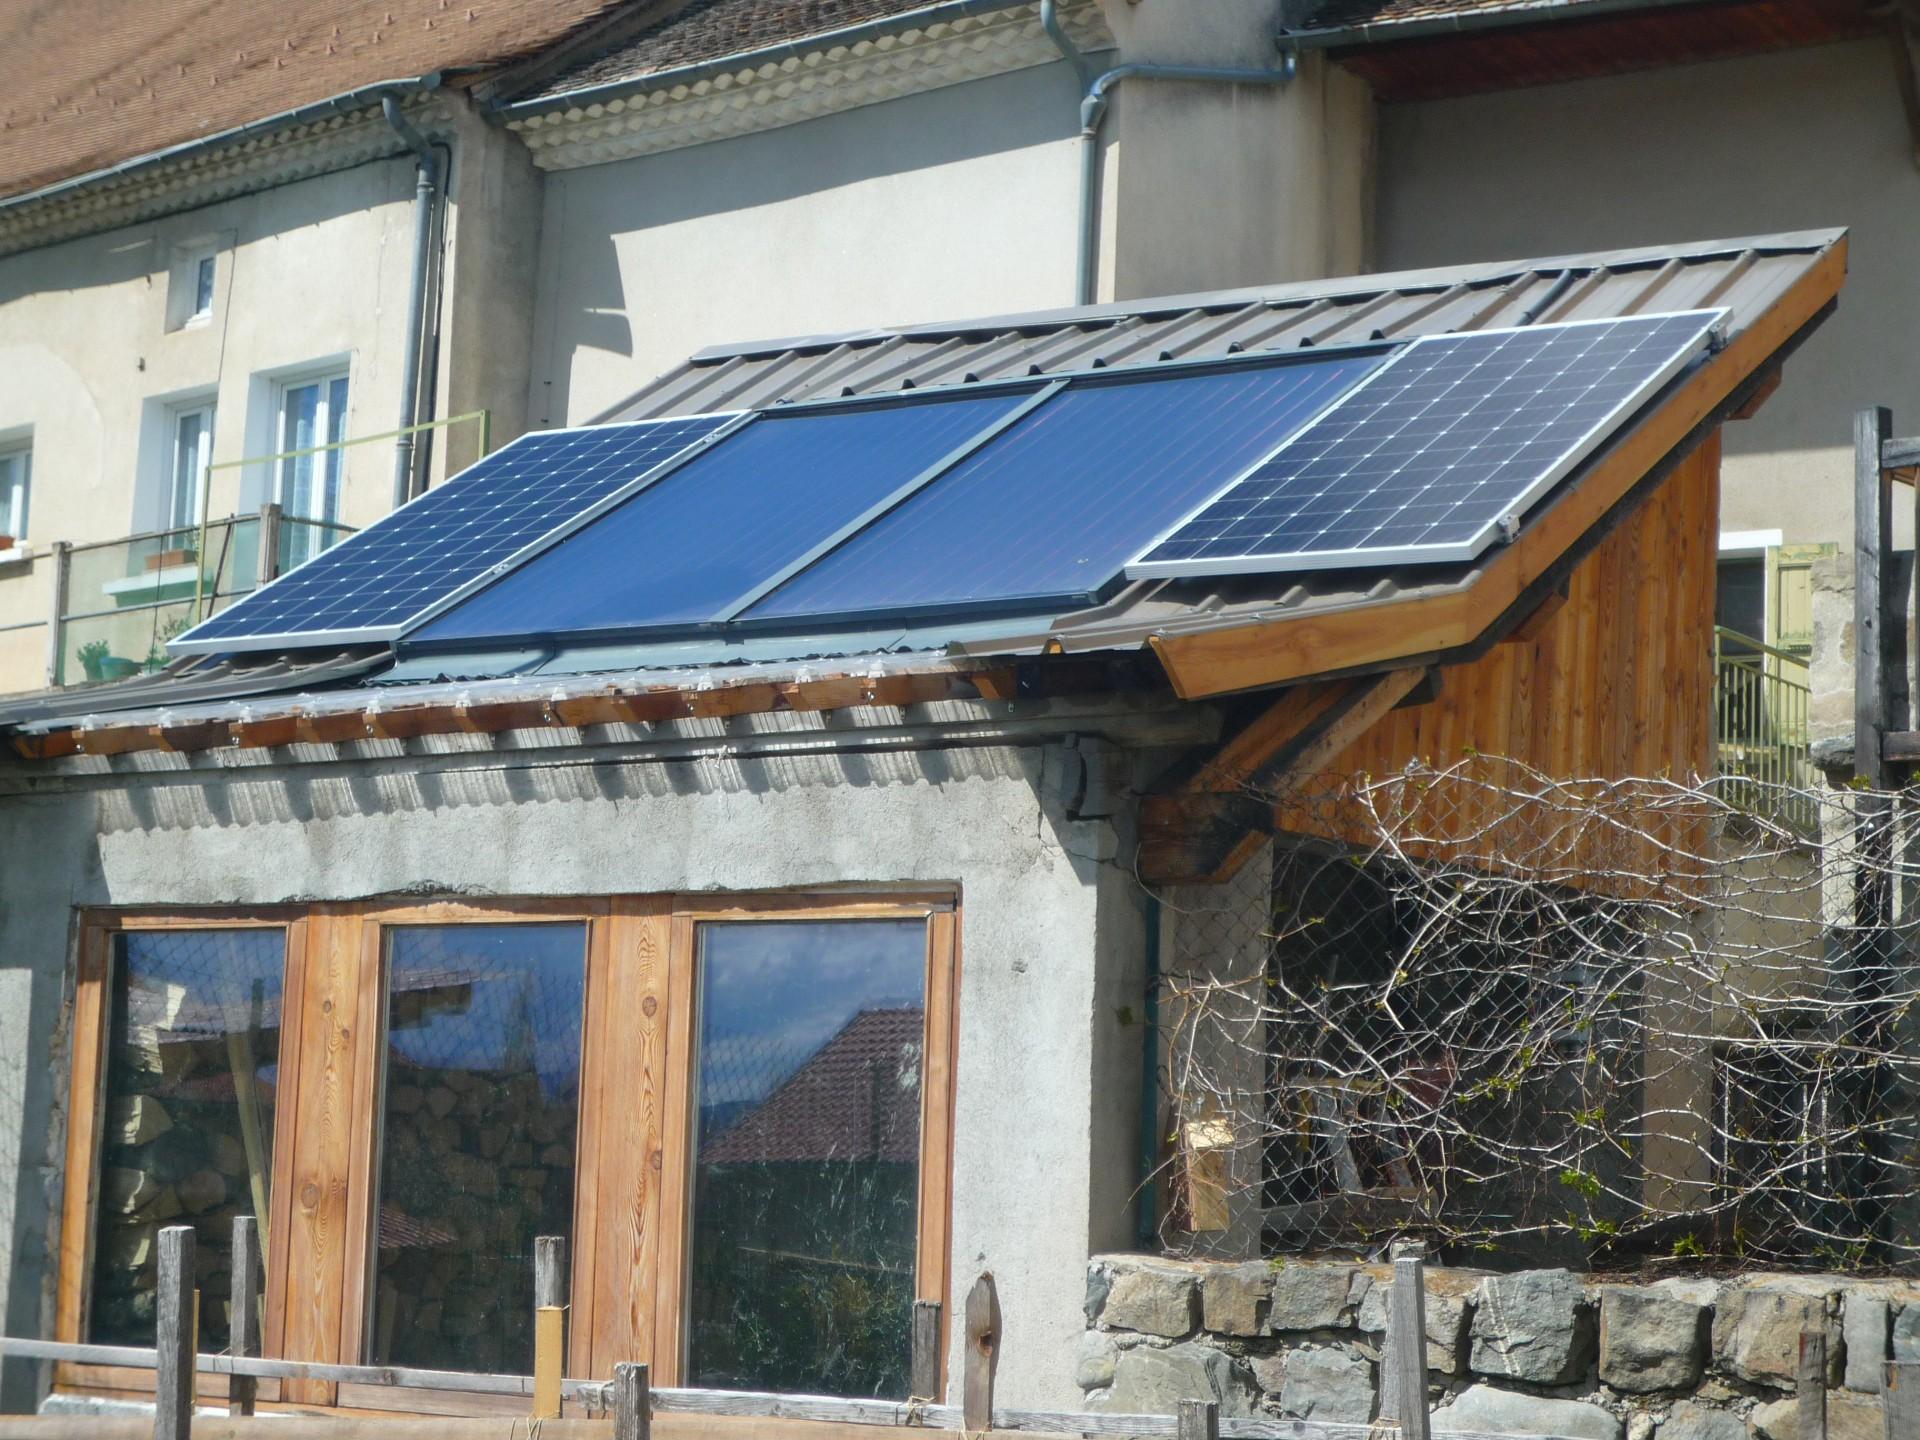 Le thermique au milieu et le photovoltaïque aux bords